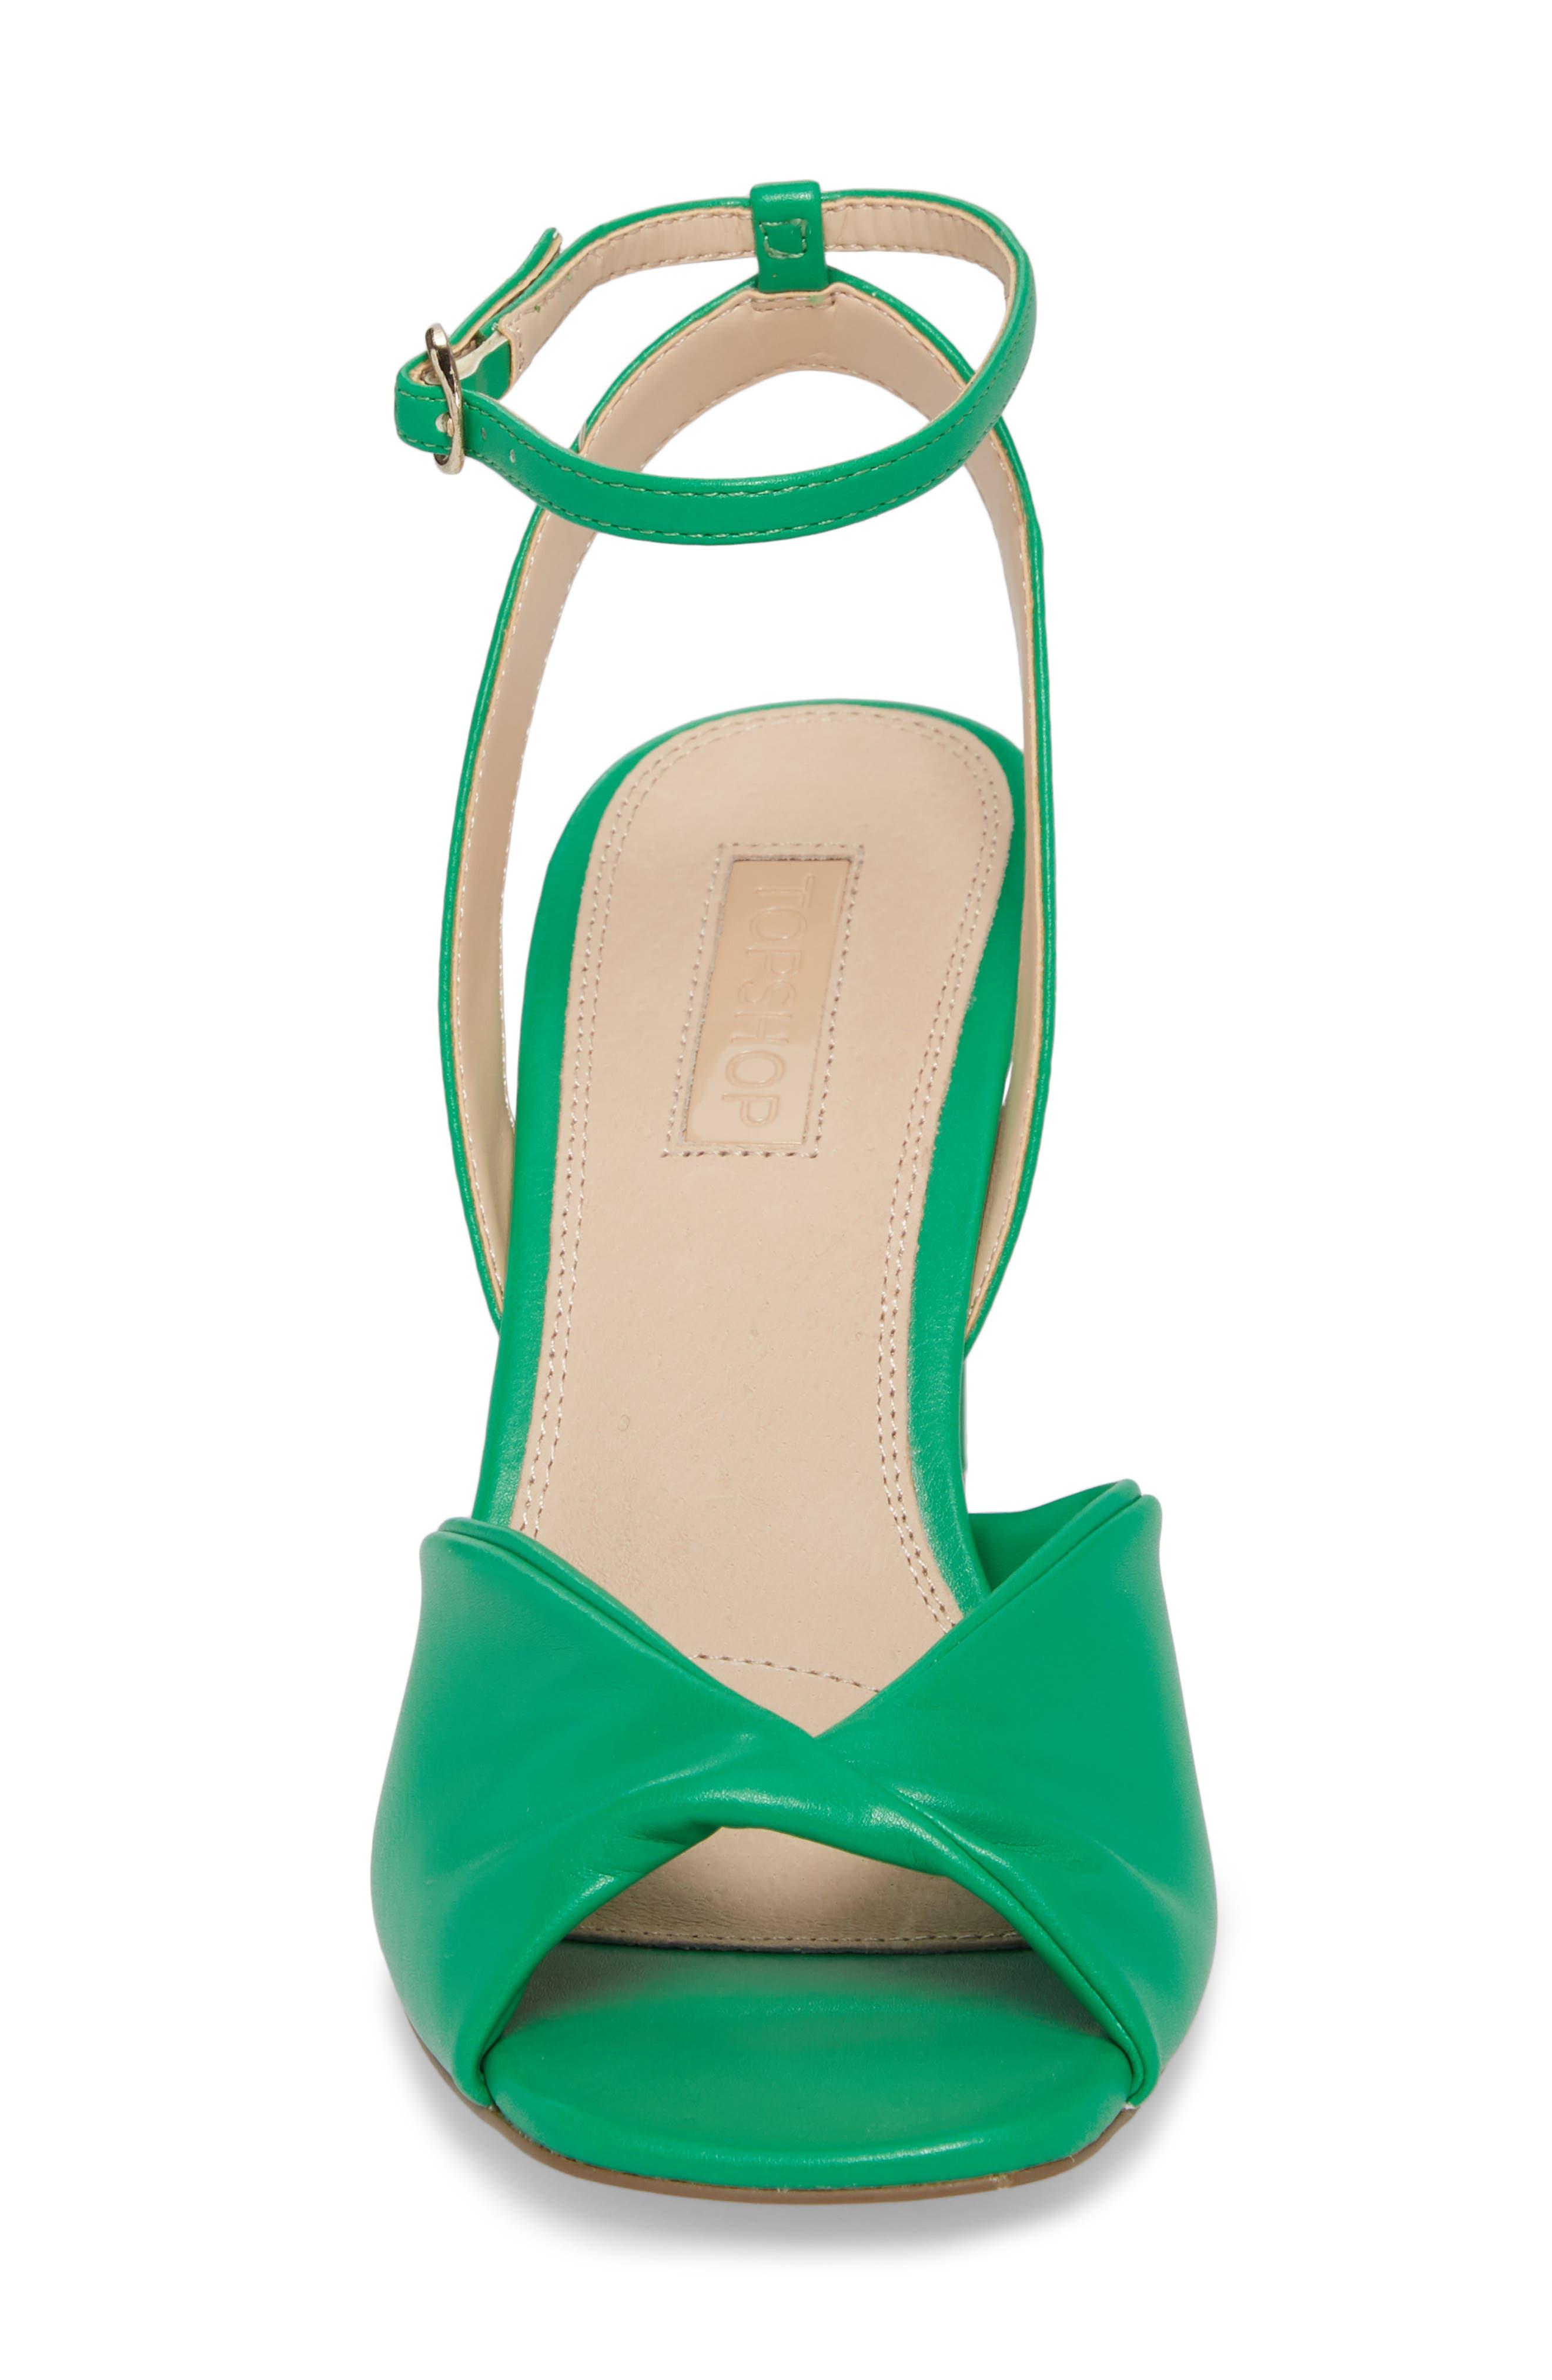 Raven Skinny Heel Sandal,                             Alternate thumbnail 4, color,                             Green